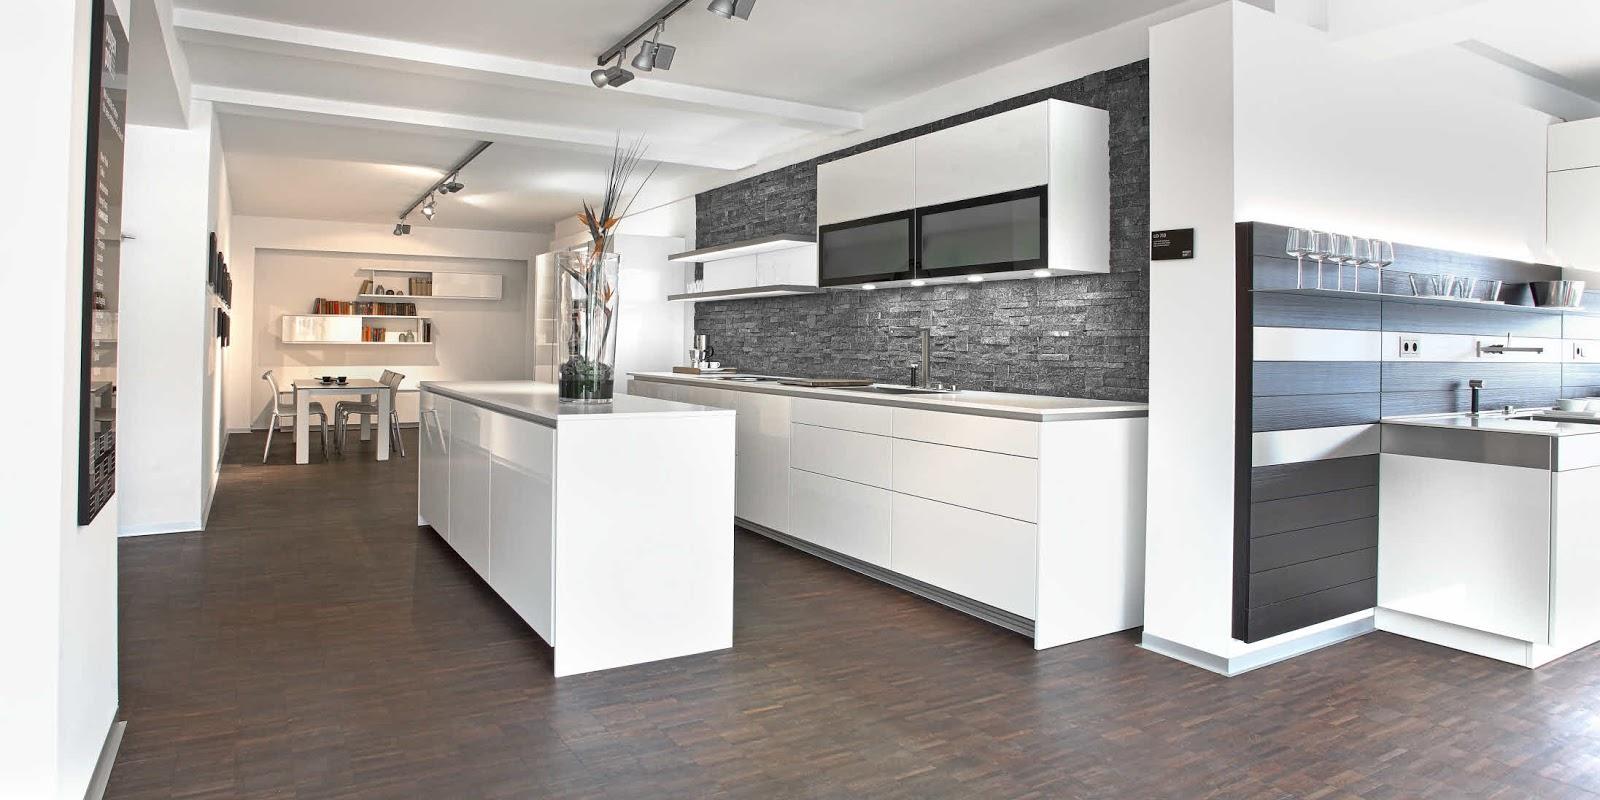 Küchen Aktuell Hannover Altwarmbüchen küchen aktuell hannover altwarmbüchen telefon home creation